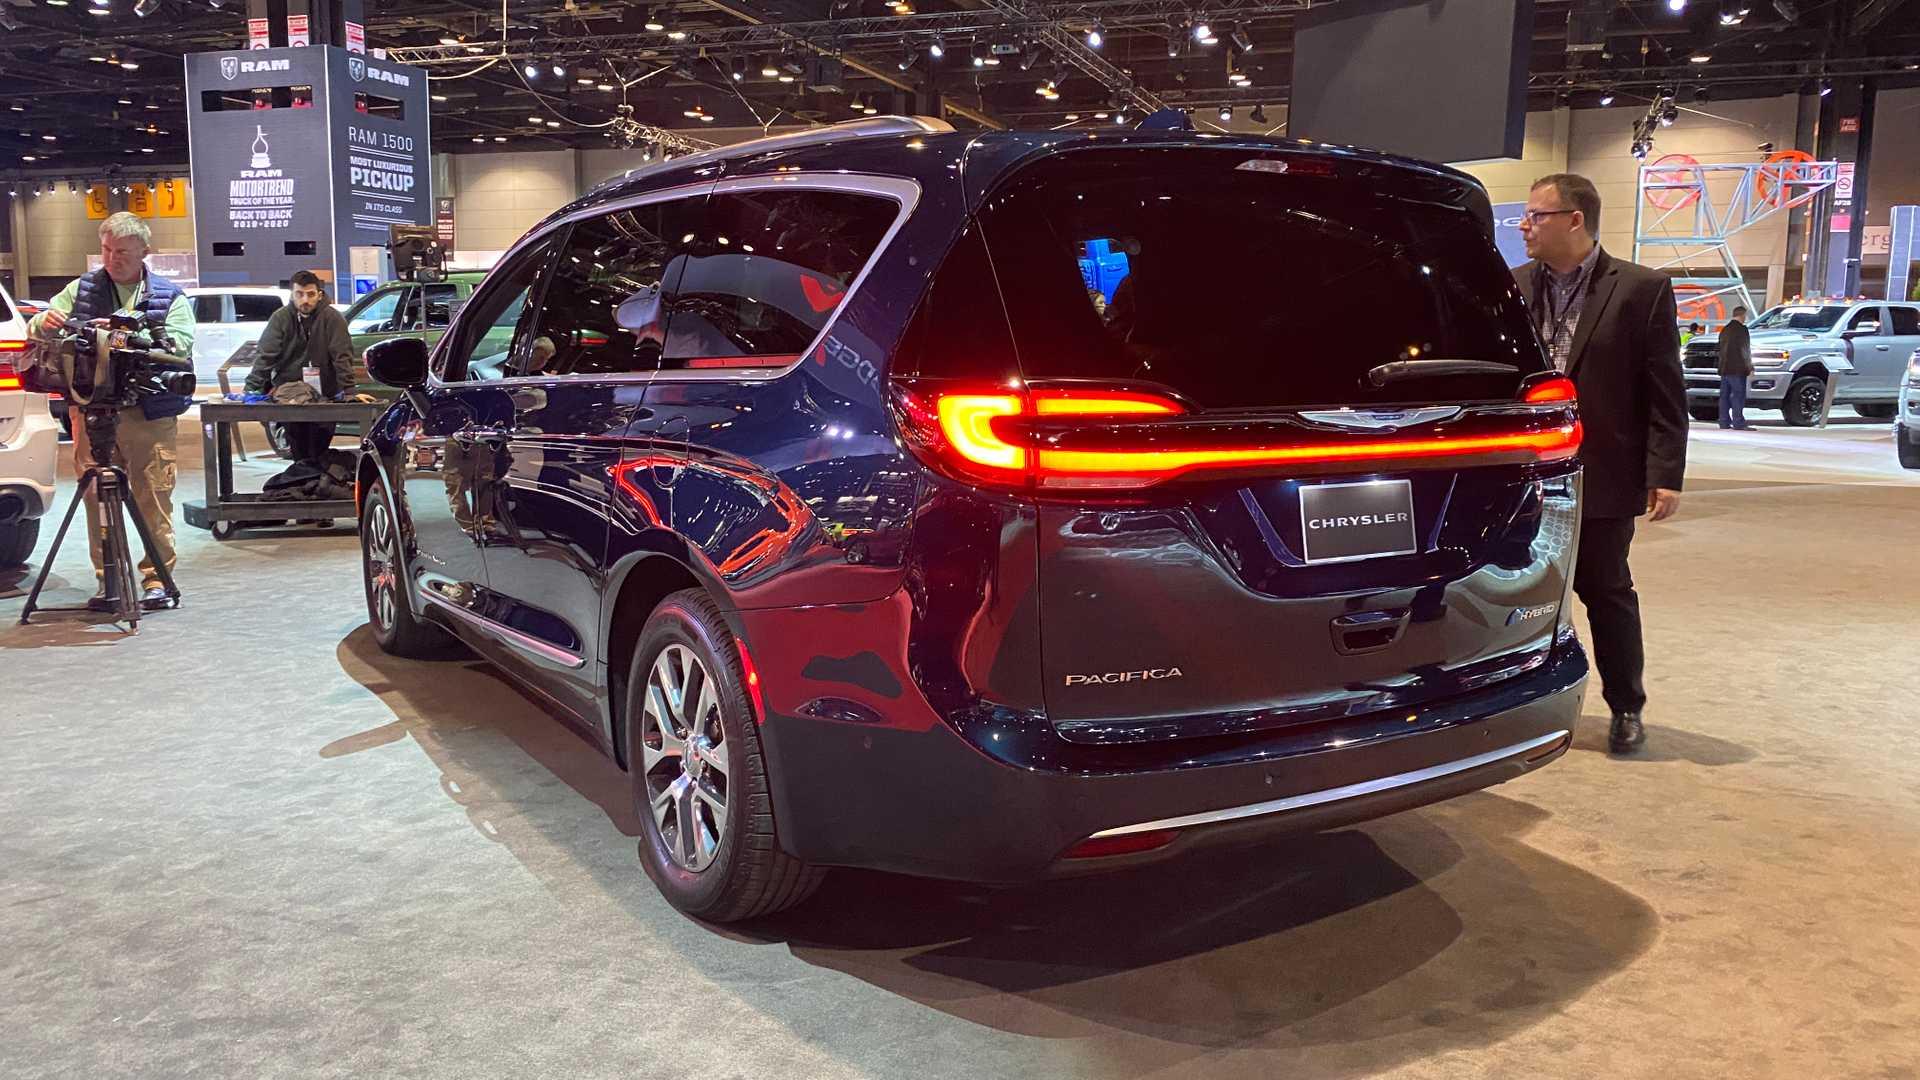 2020芝加哥车展:克莱斯勒新款大捷龙亮相